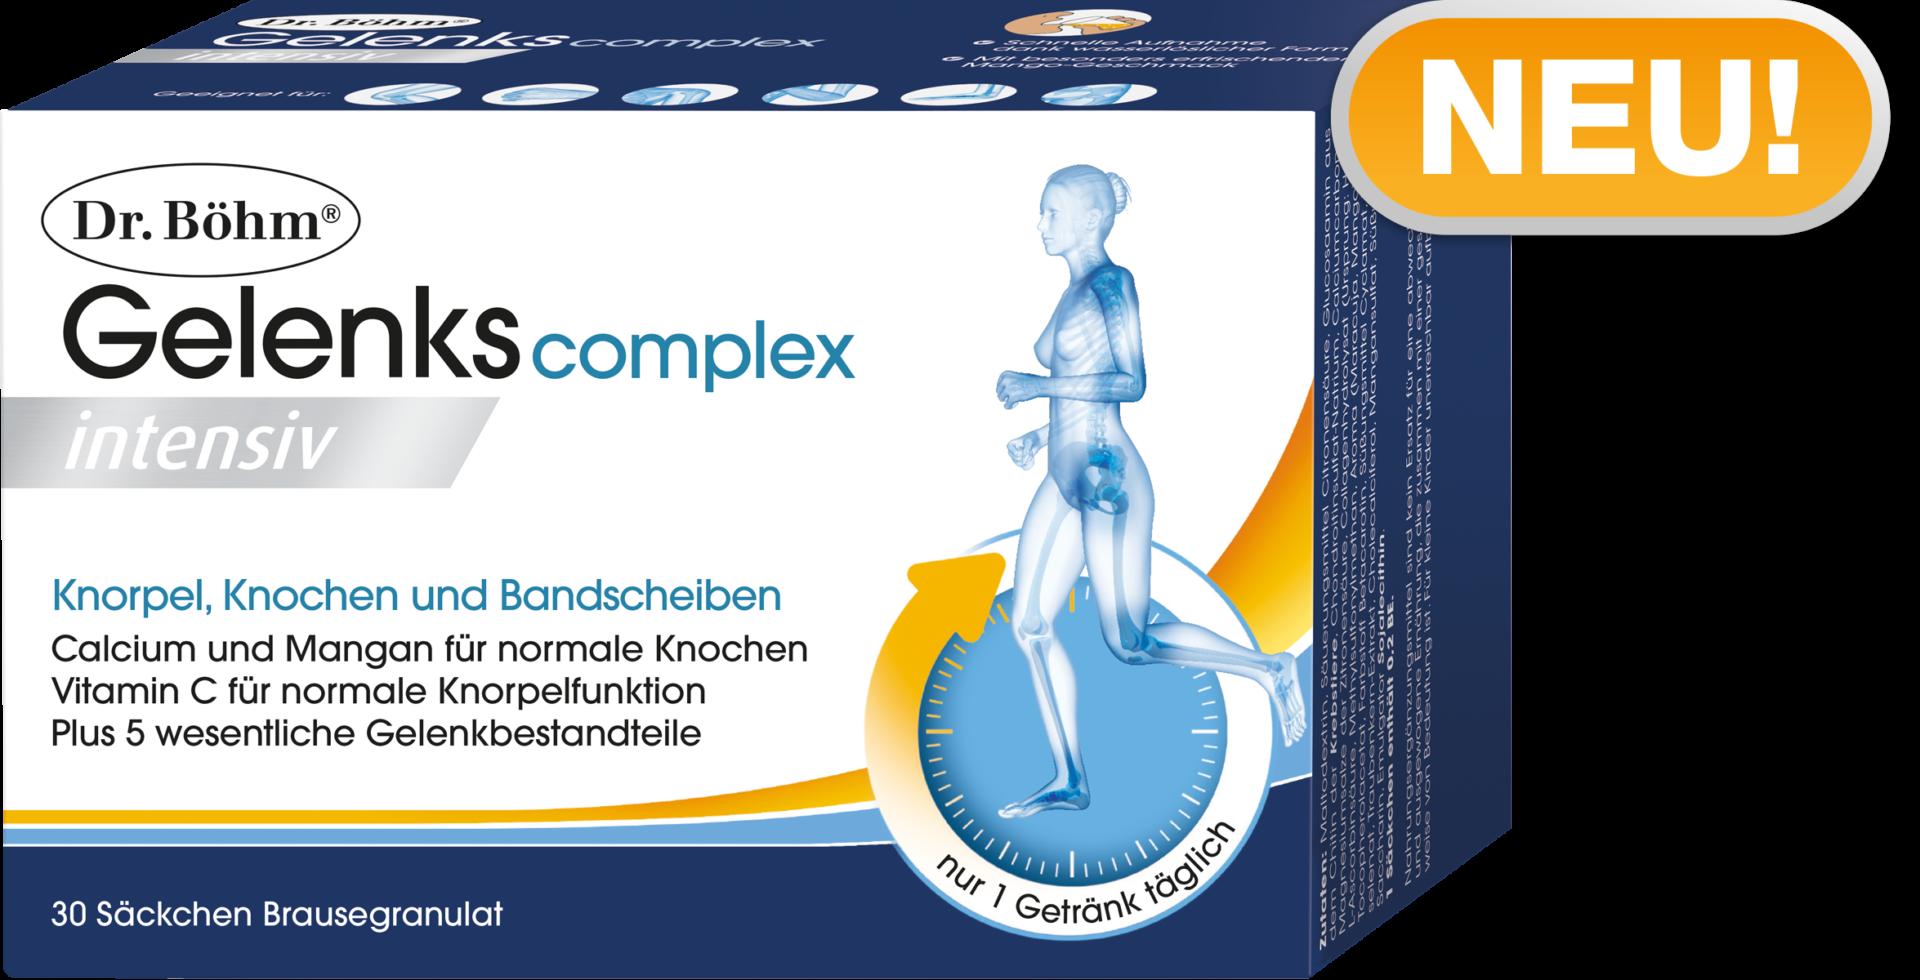 Dr. Böhm® Gelenks complex intensiv. Hochdosiertes Brausegetränk